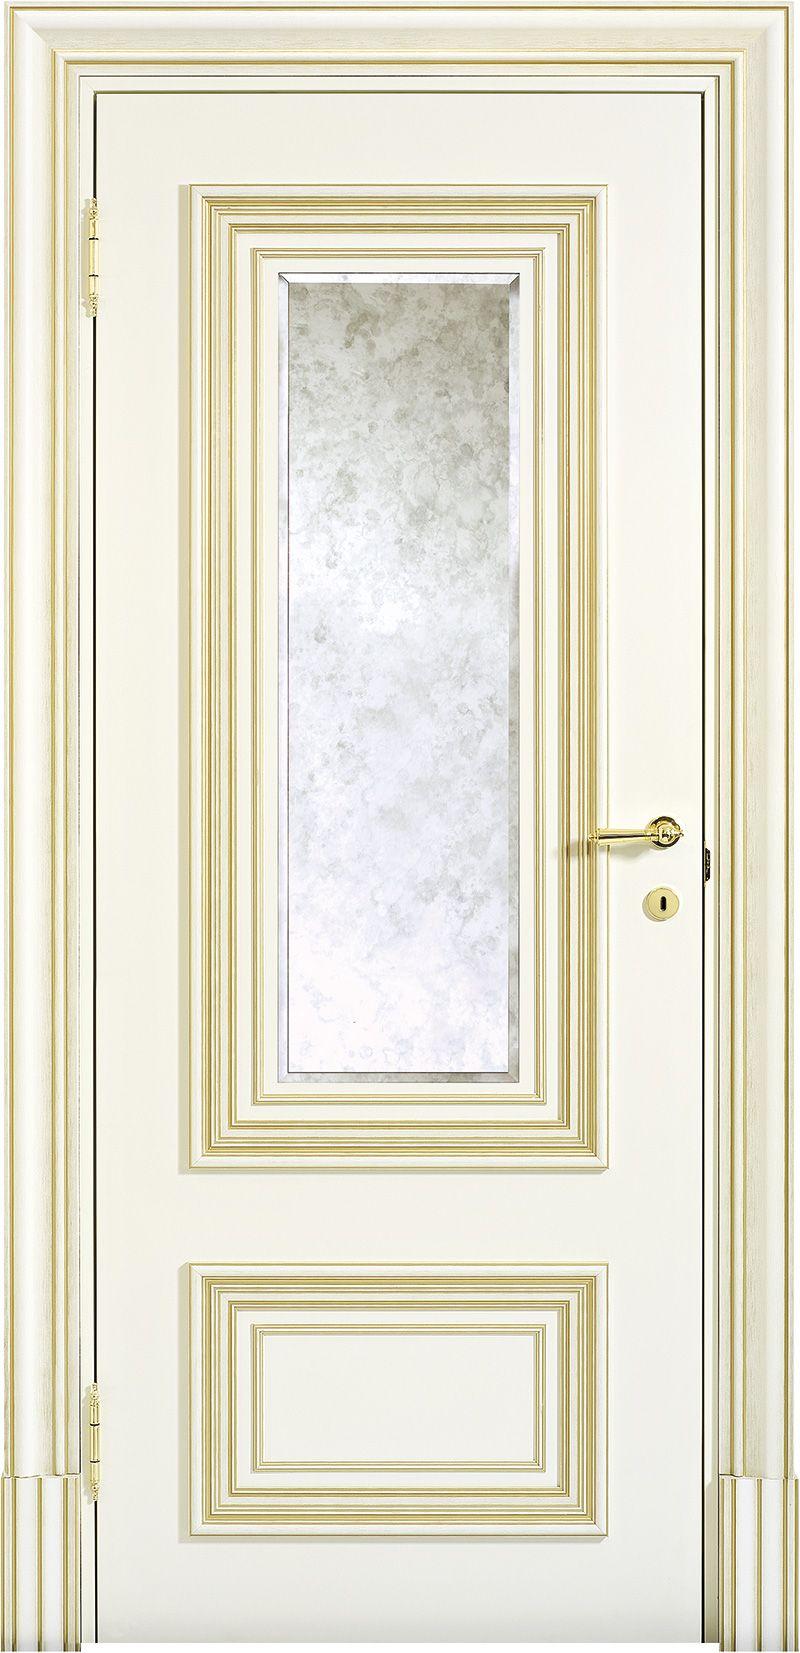 белые матовые межкомнатные двери Palladio производитель Barausse